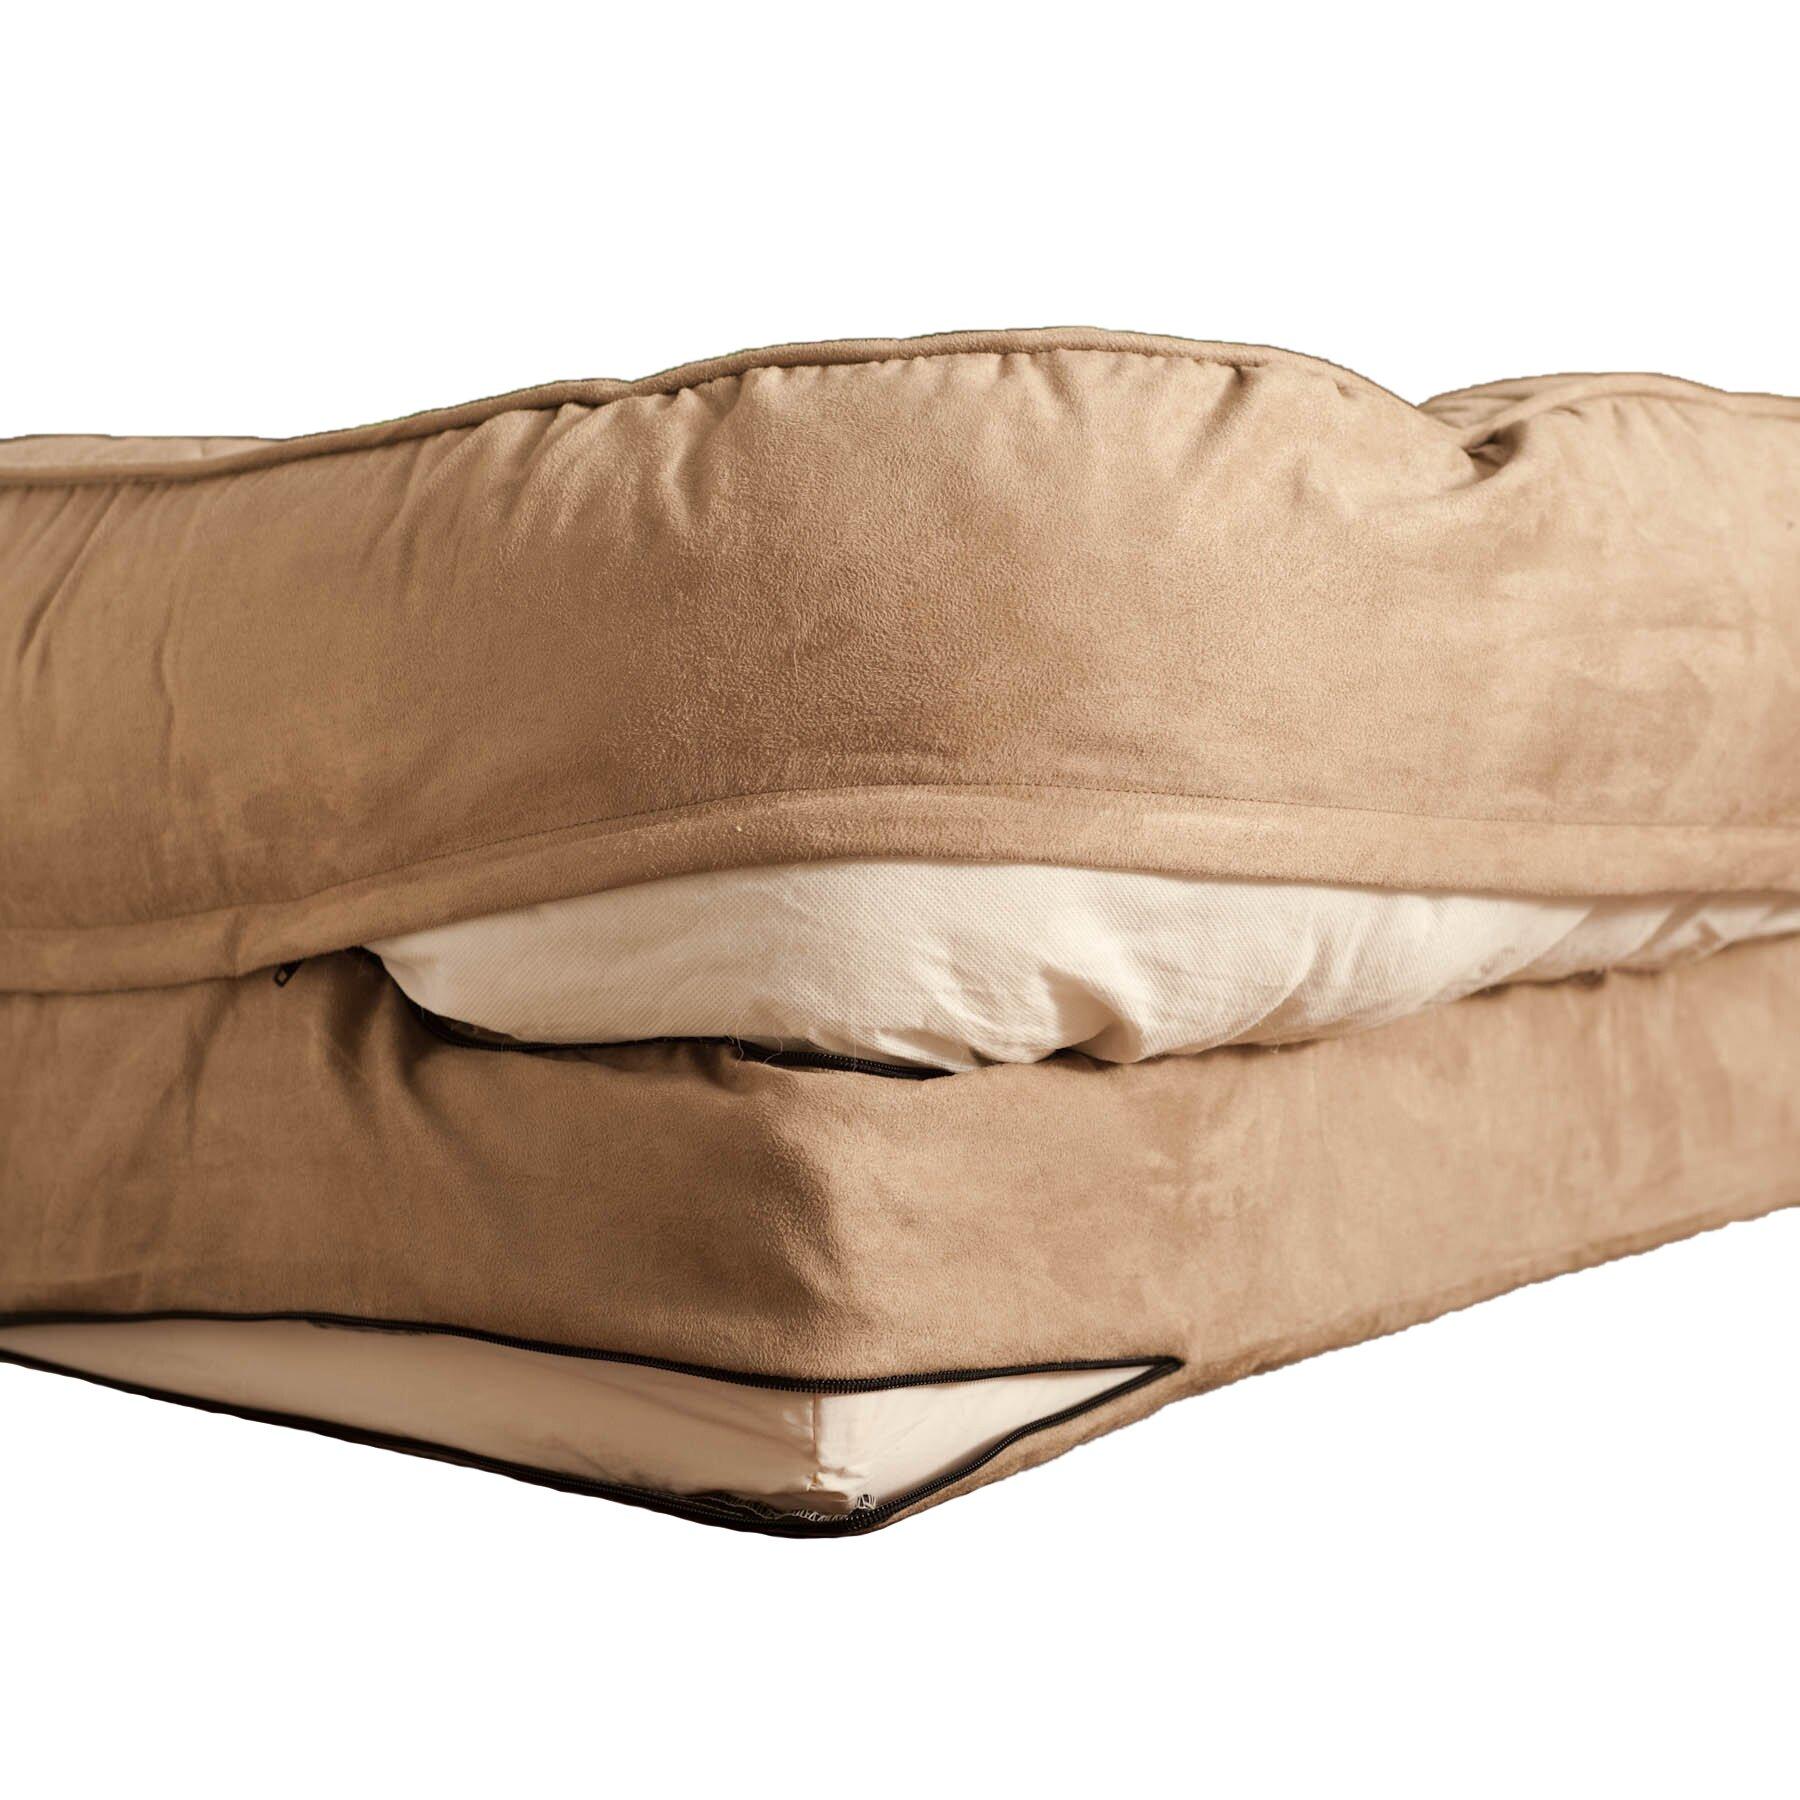 buddy beds memory foam bolster dog bed wayfair. Black Bedroom Furniture Sets. Home Design Ideas